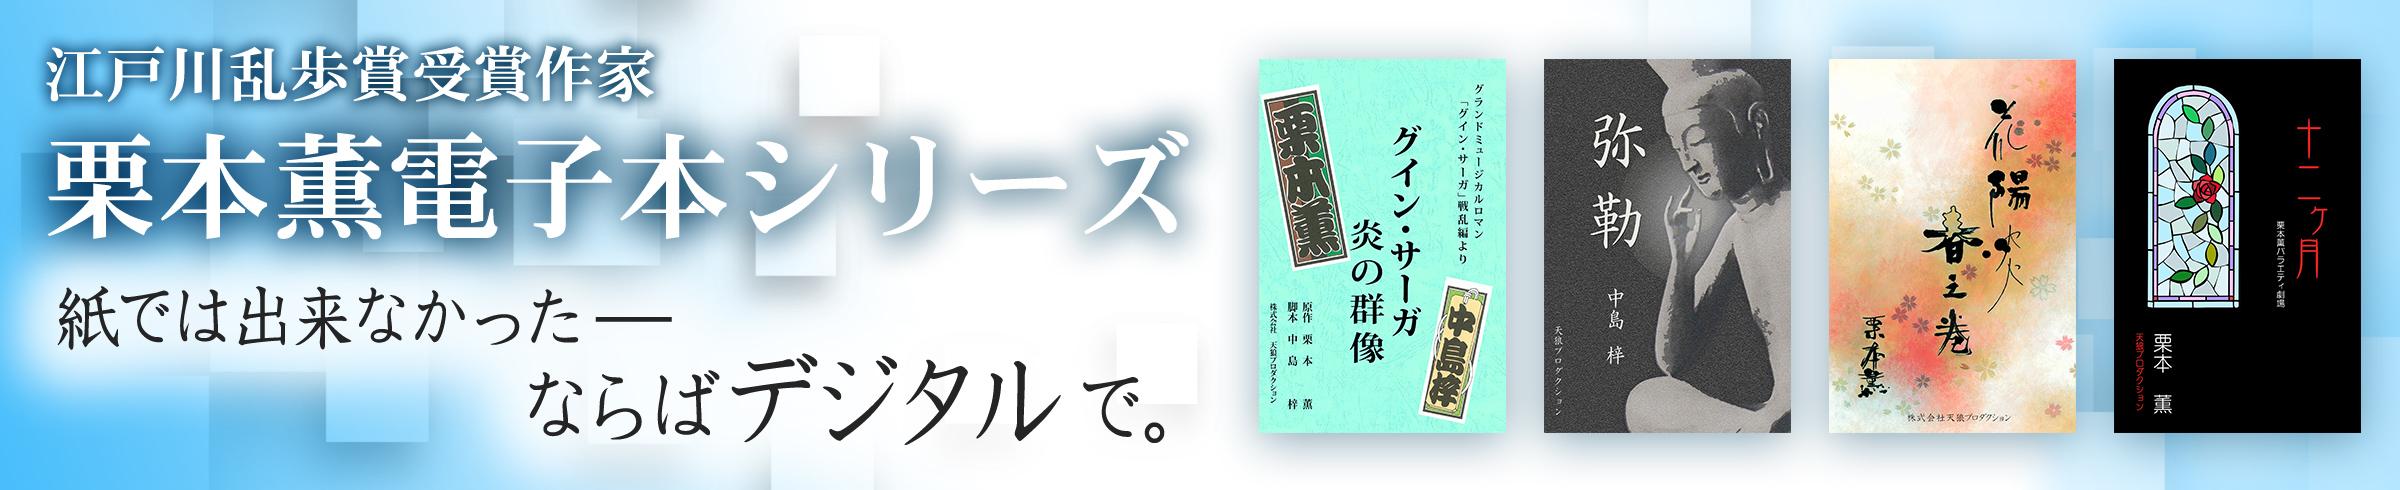 栗本薫電子本シリーズ